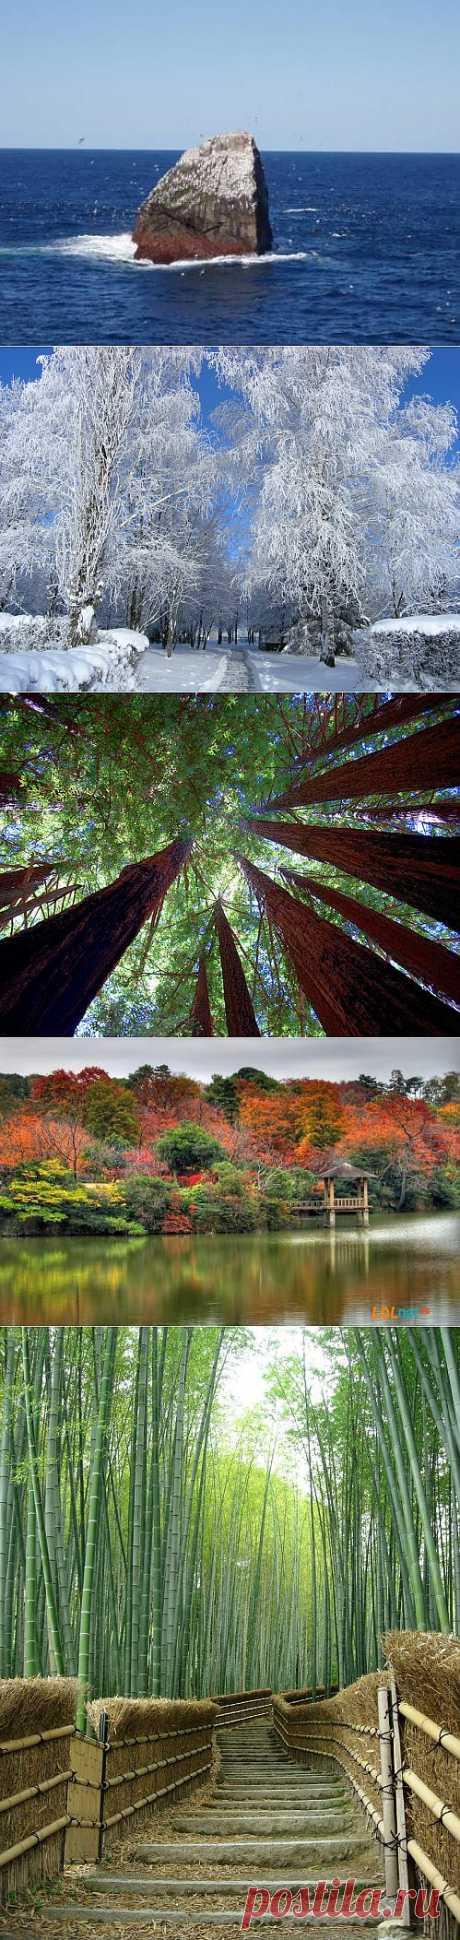 Природа | Записи в рубрике Природа | Здесь еще интересней